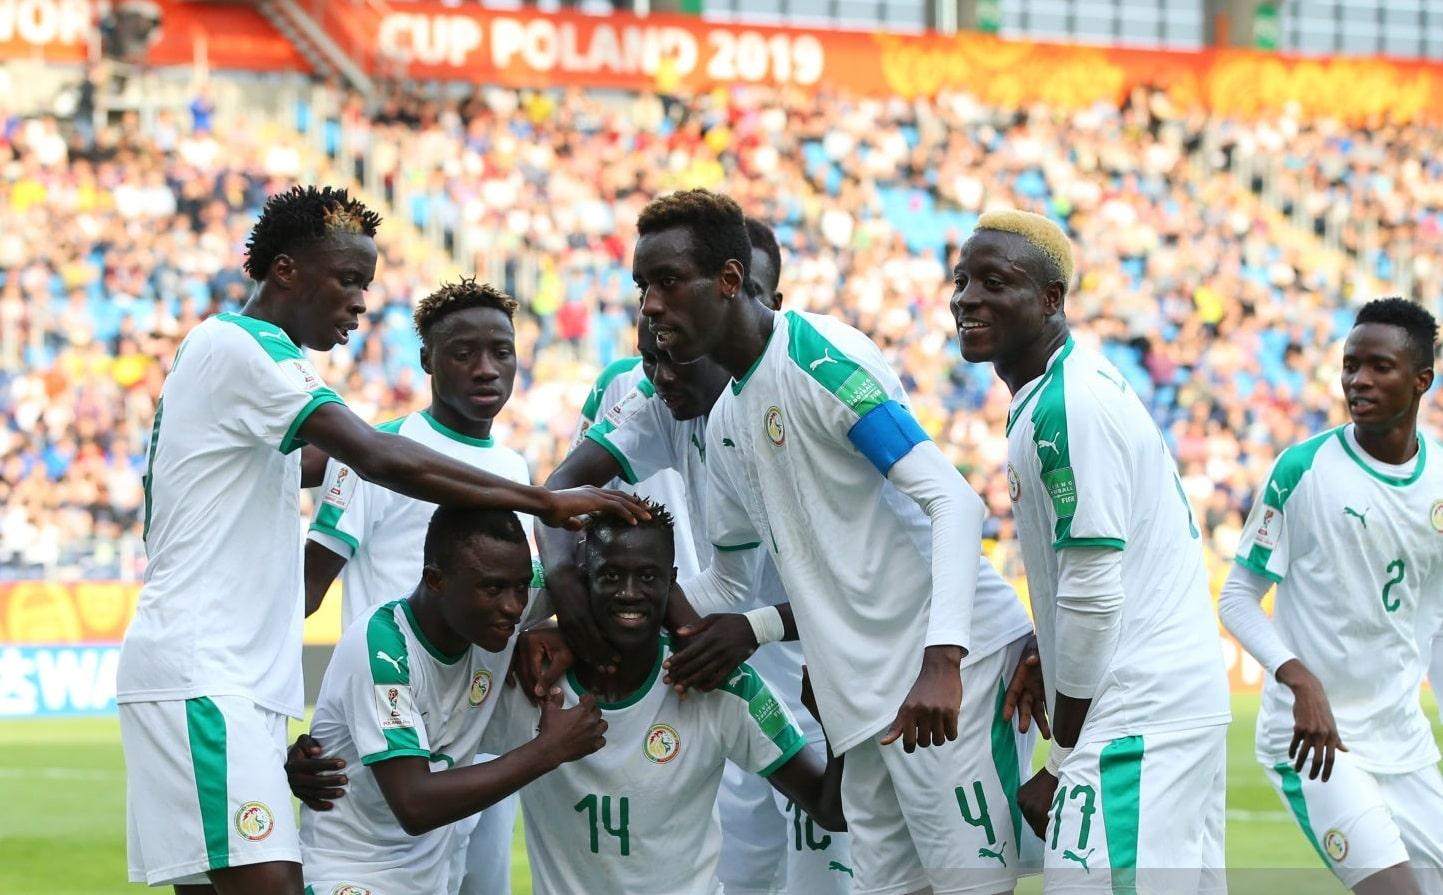 Les potentiels adversaires du Sénégal pour les 1/8 de finale